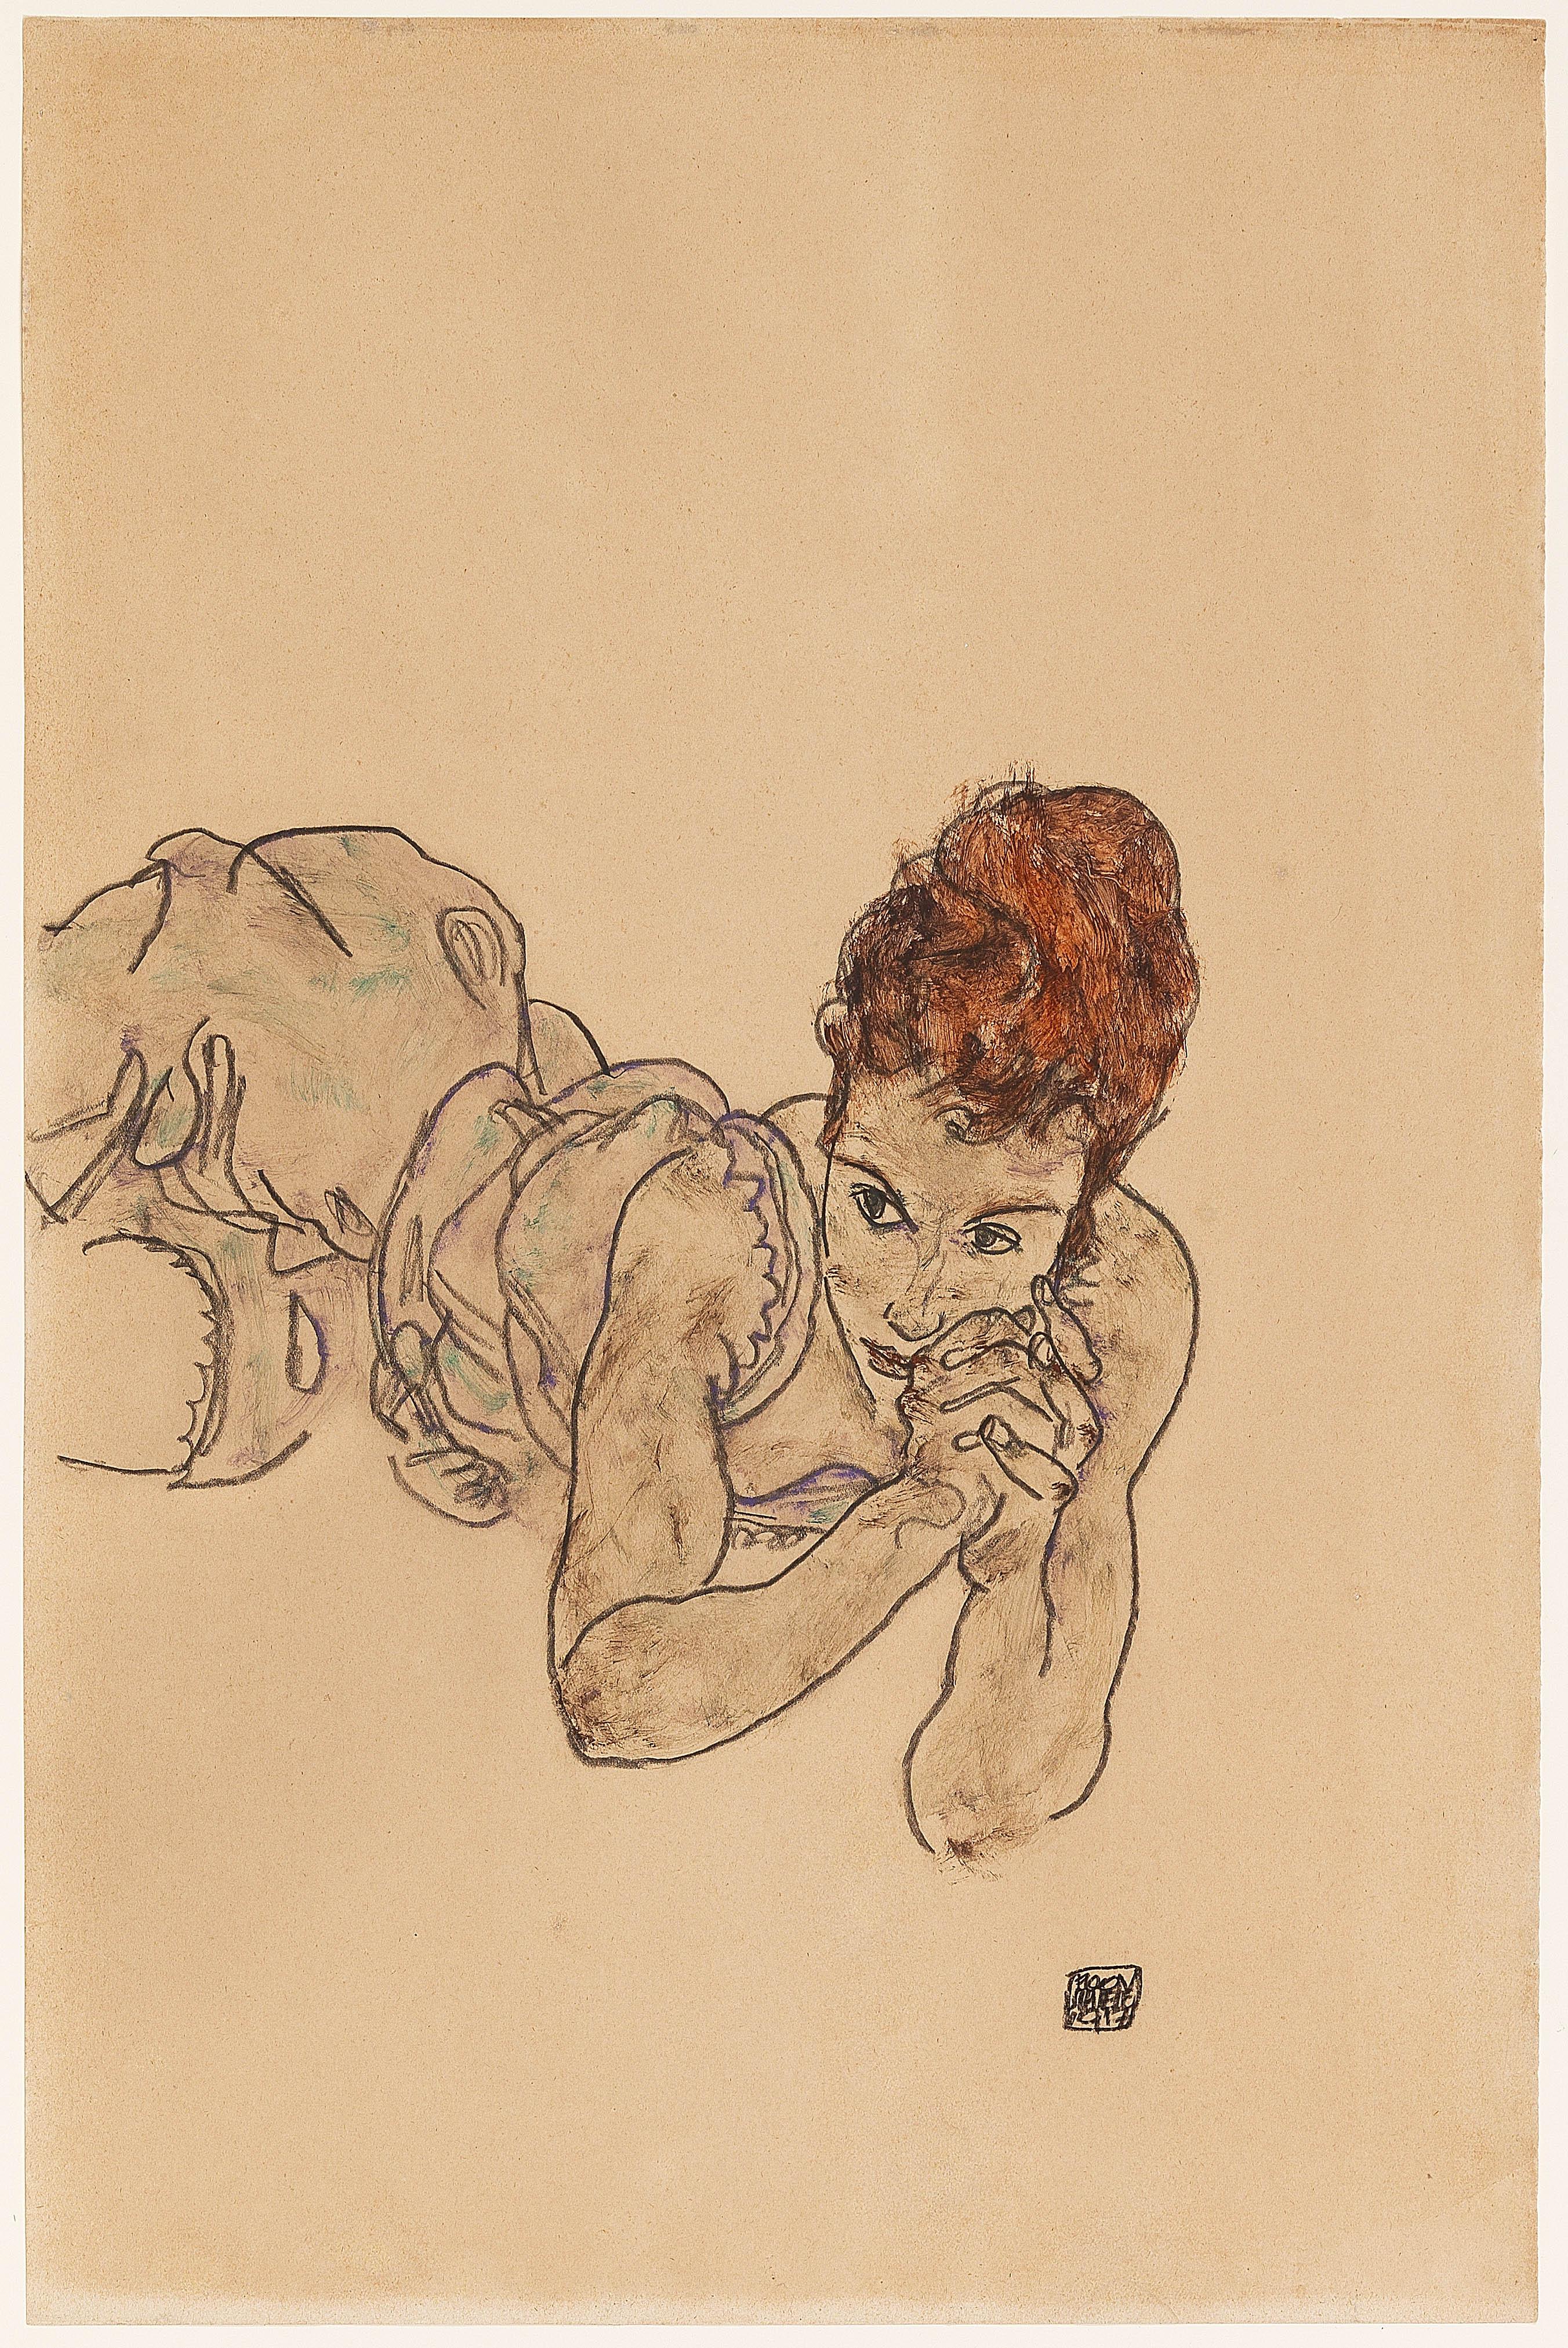 Egon Schiele, Liegende Frau, 1917